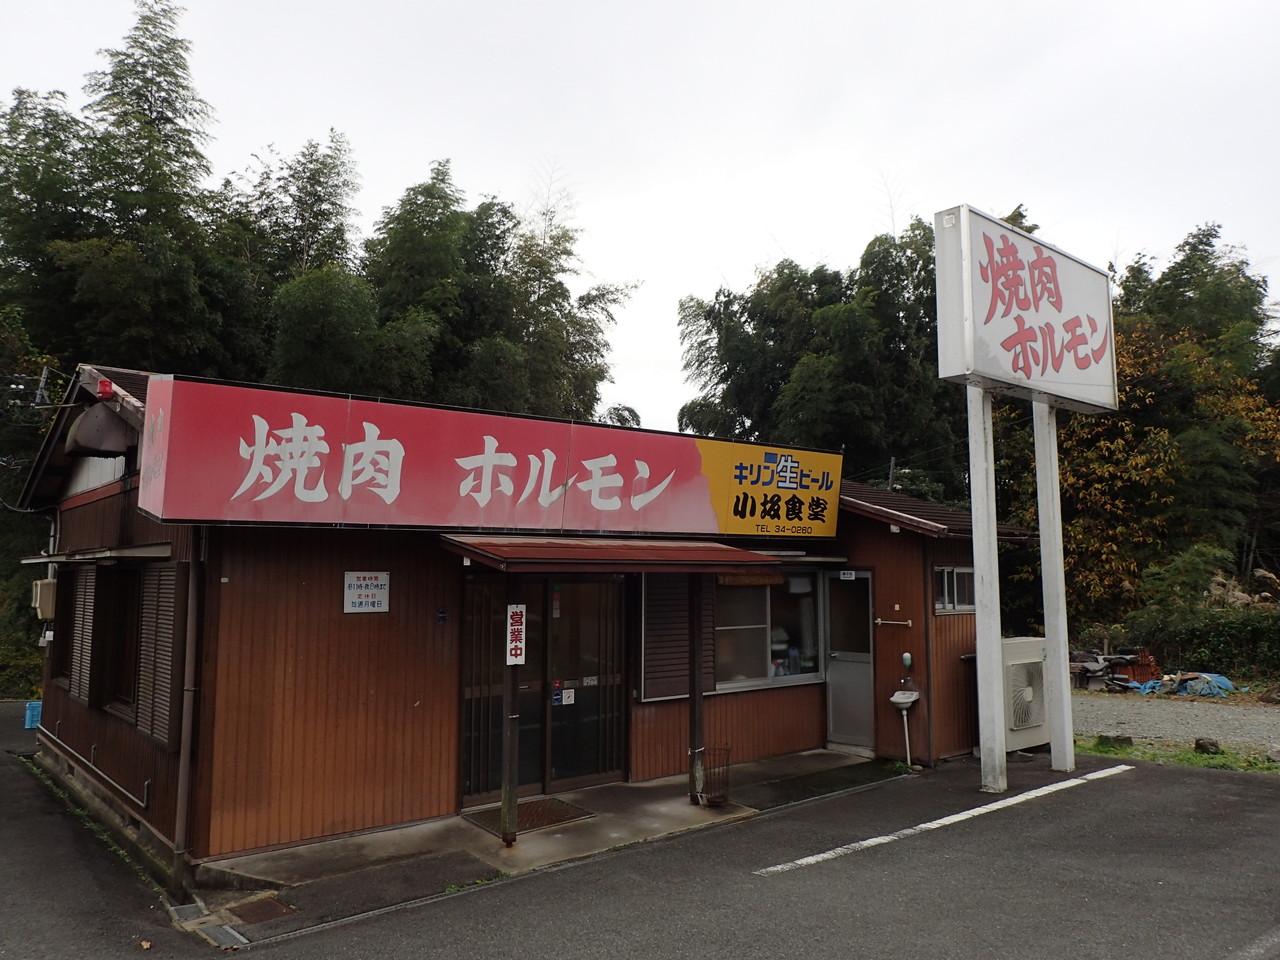 【三重県松阪市】 とろける旨さ!松坂牛のホルモンと言えば ...